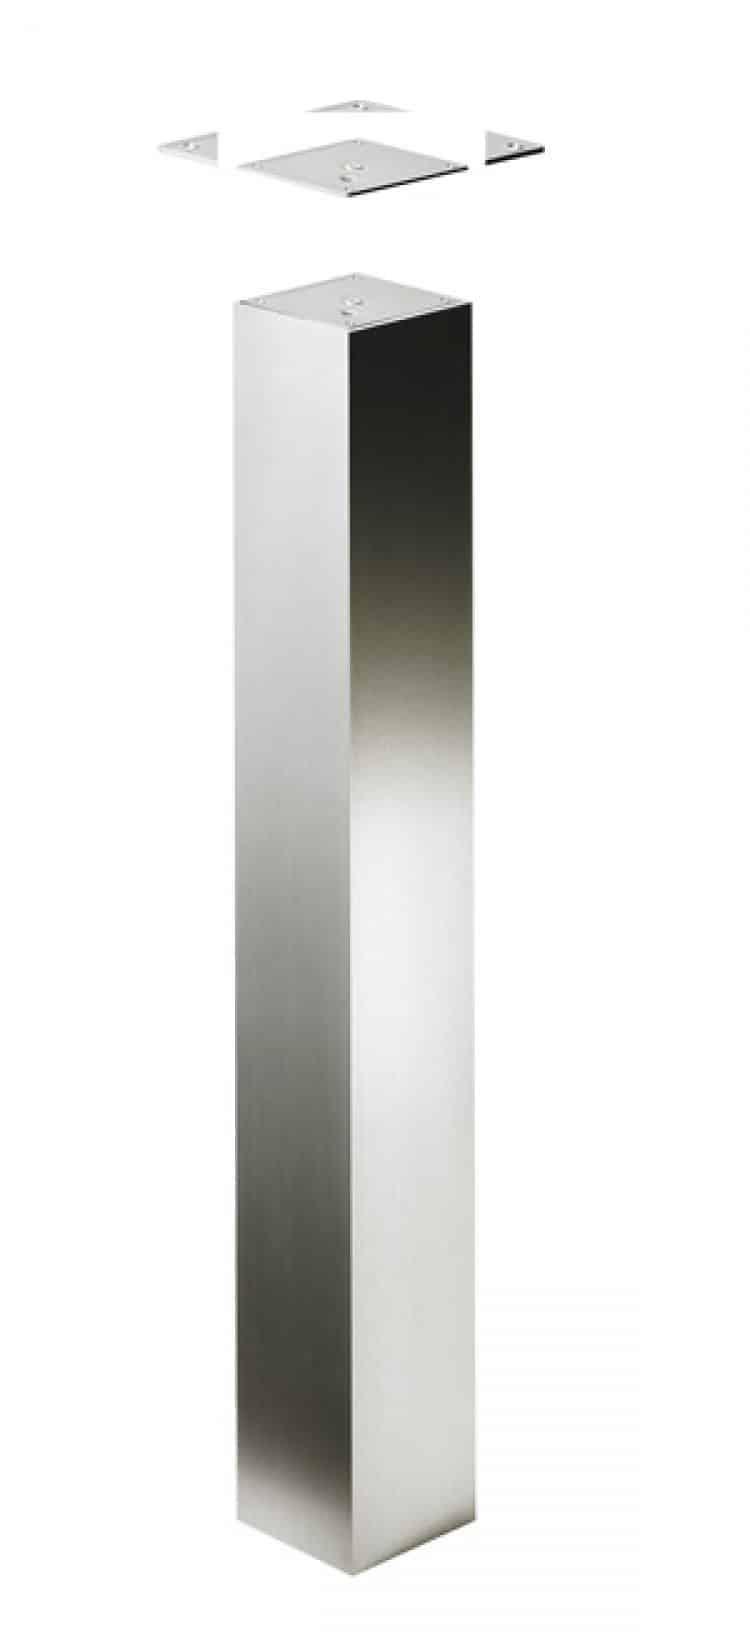 Gamba per tavoli di design Abena 1100 mm Acciaio inox - tuttoferramenta.it